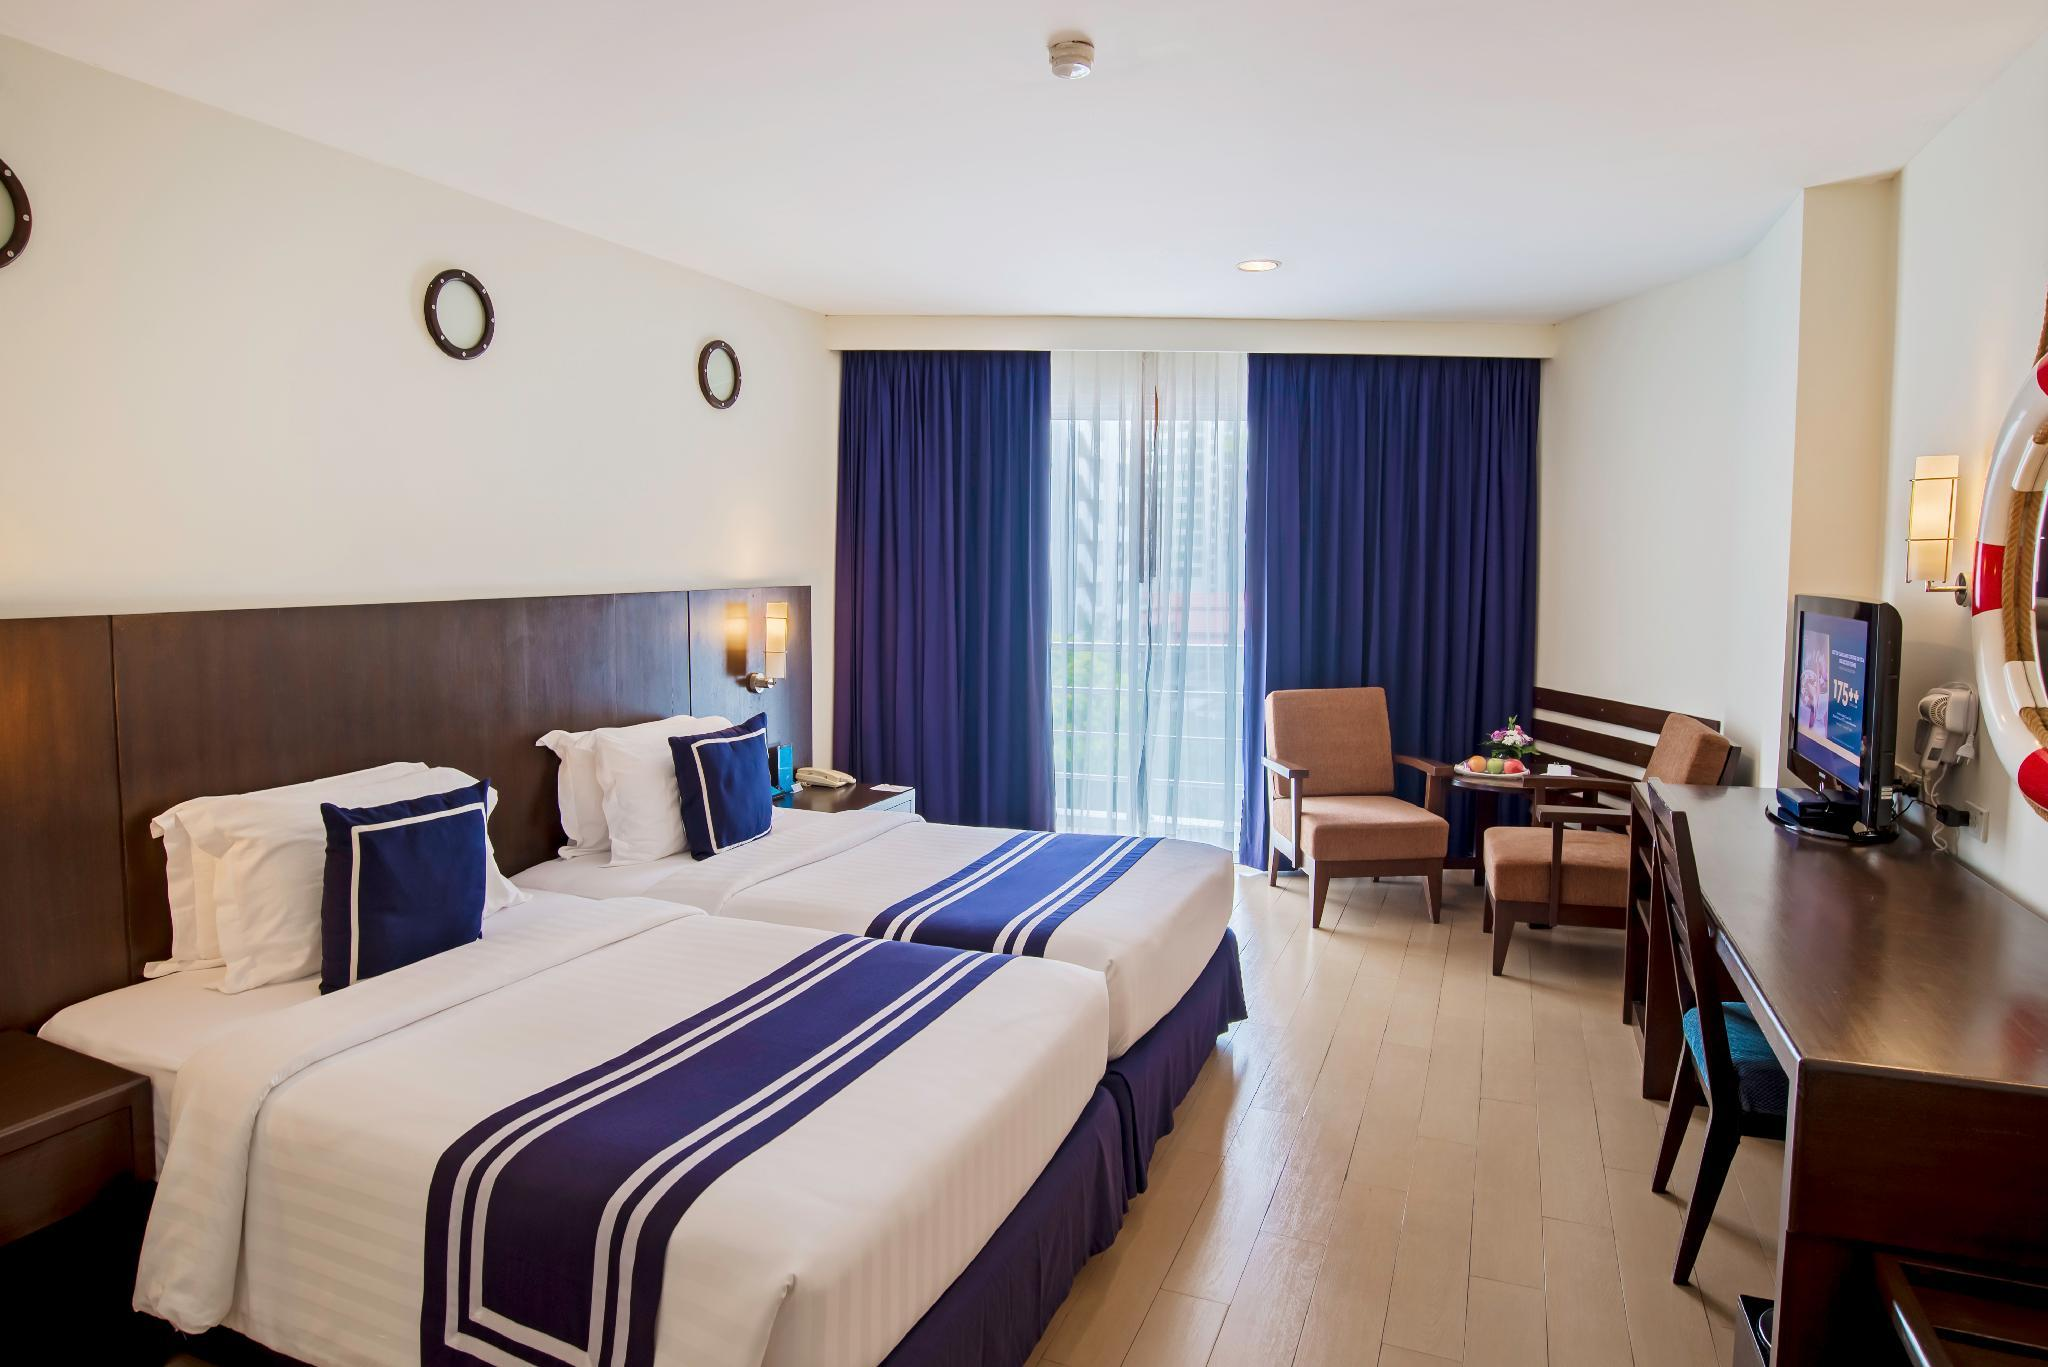 โรงแรมเอ-วัน นิววิง